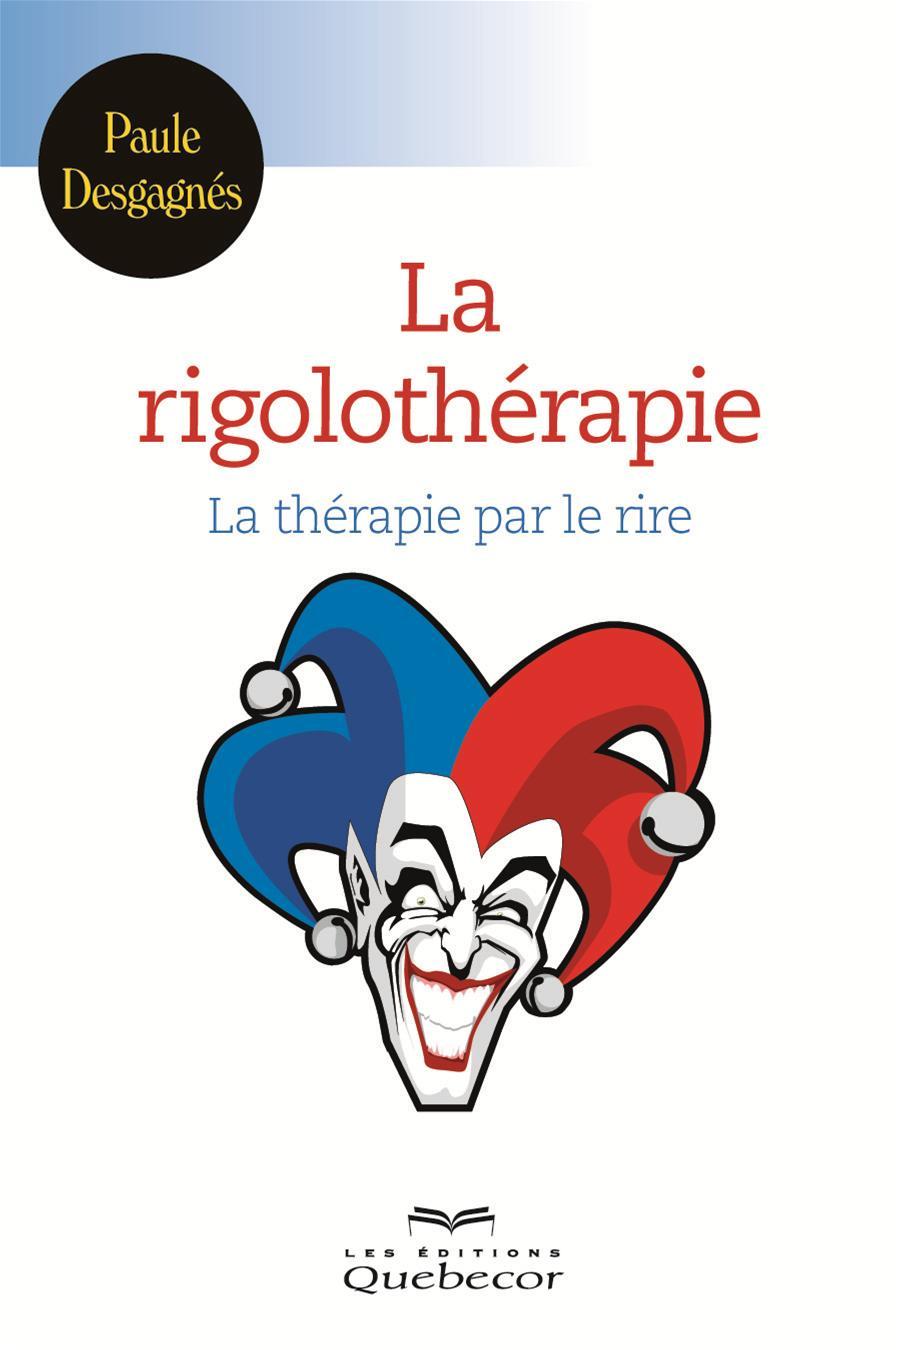 La rigolothérapie